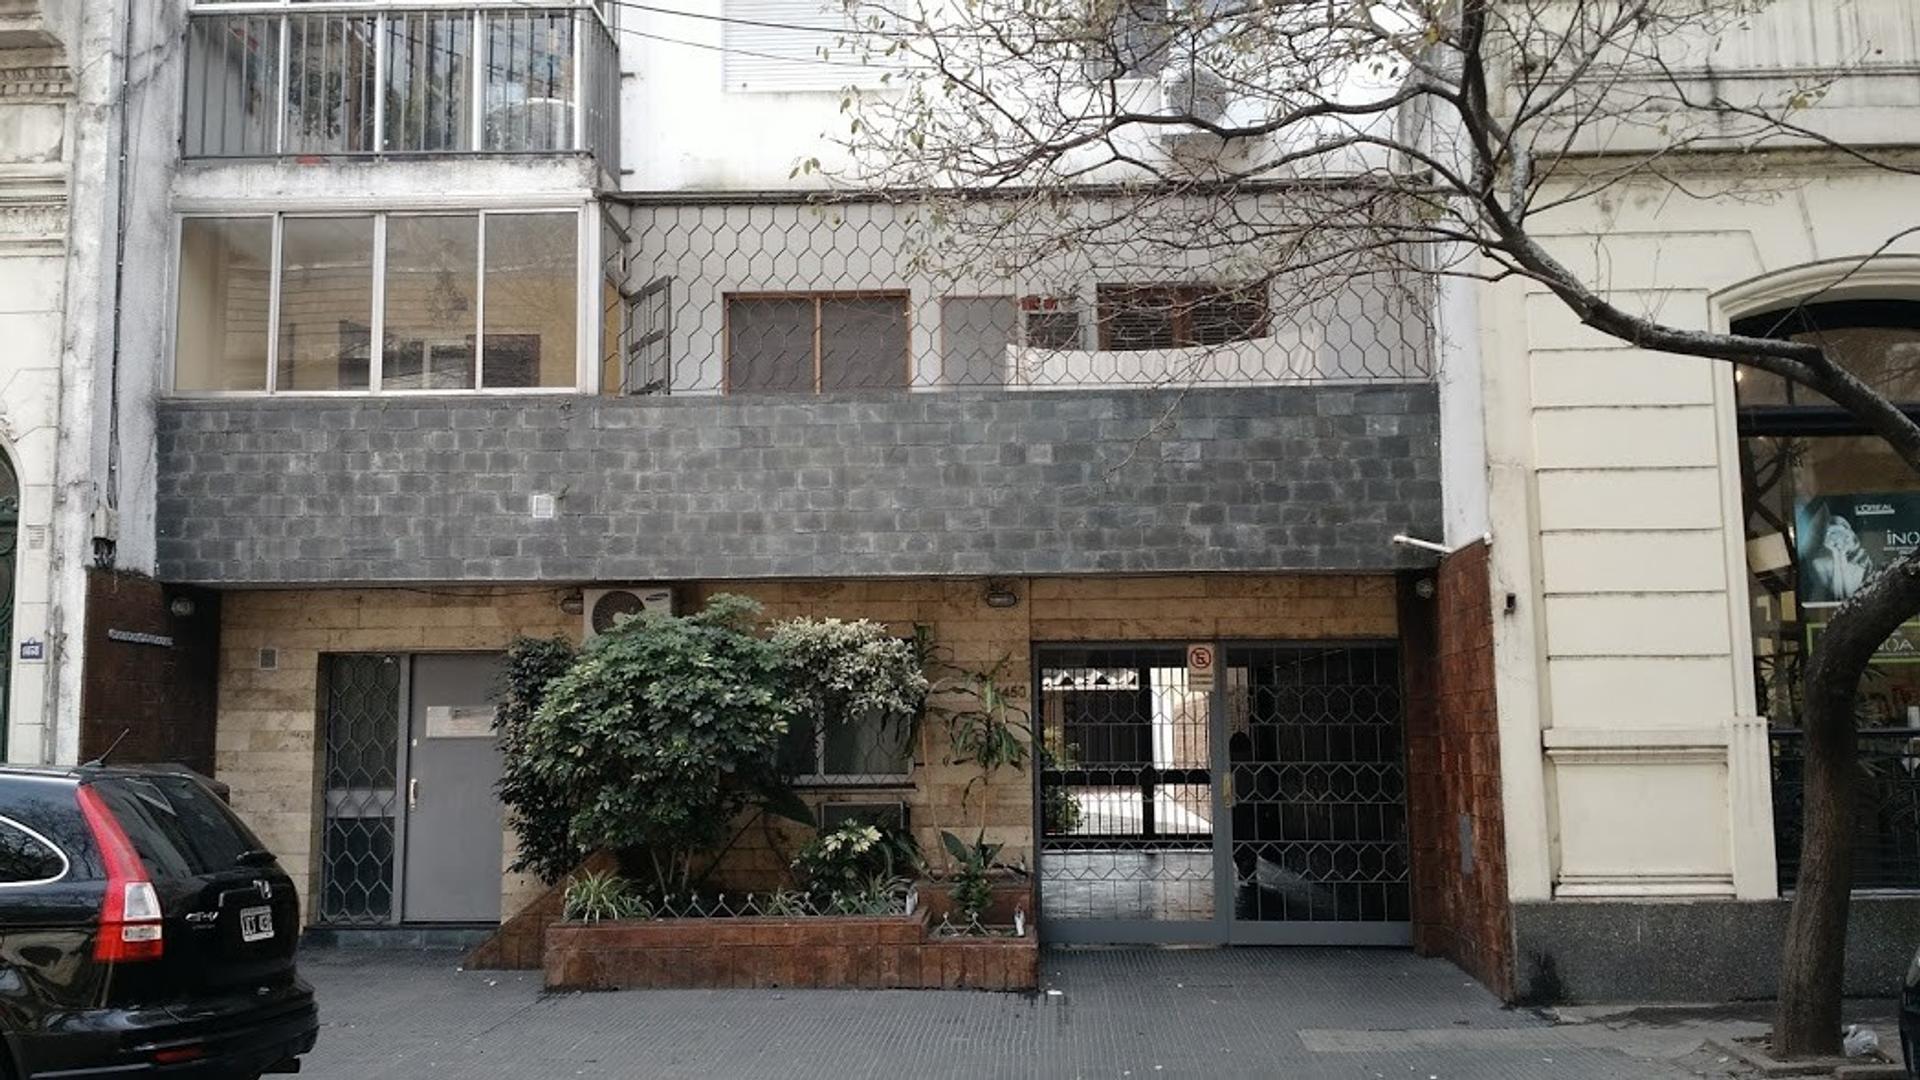 Excelente Departamento 2 Dormitorios Cocina separada Centro Rosario - Zeballos 1400.